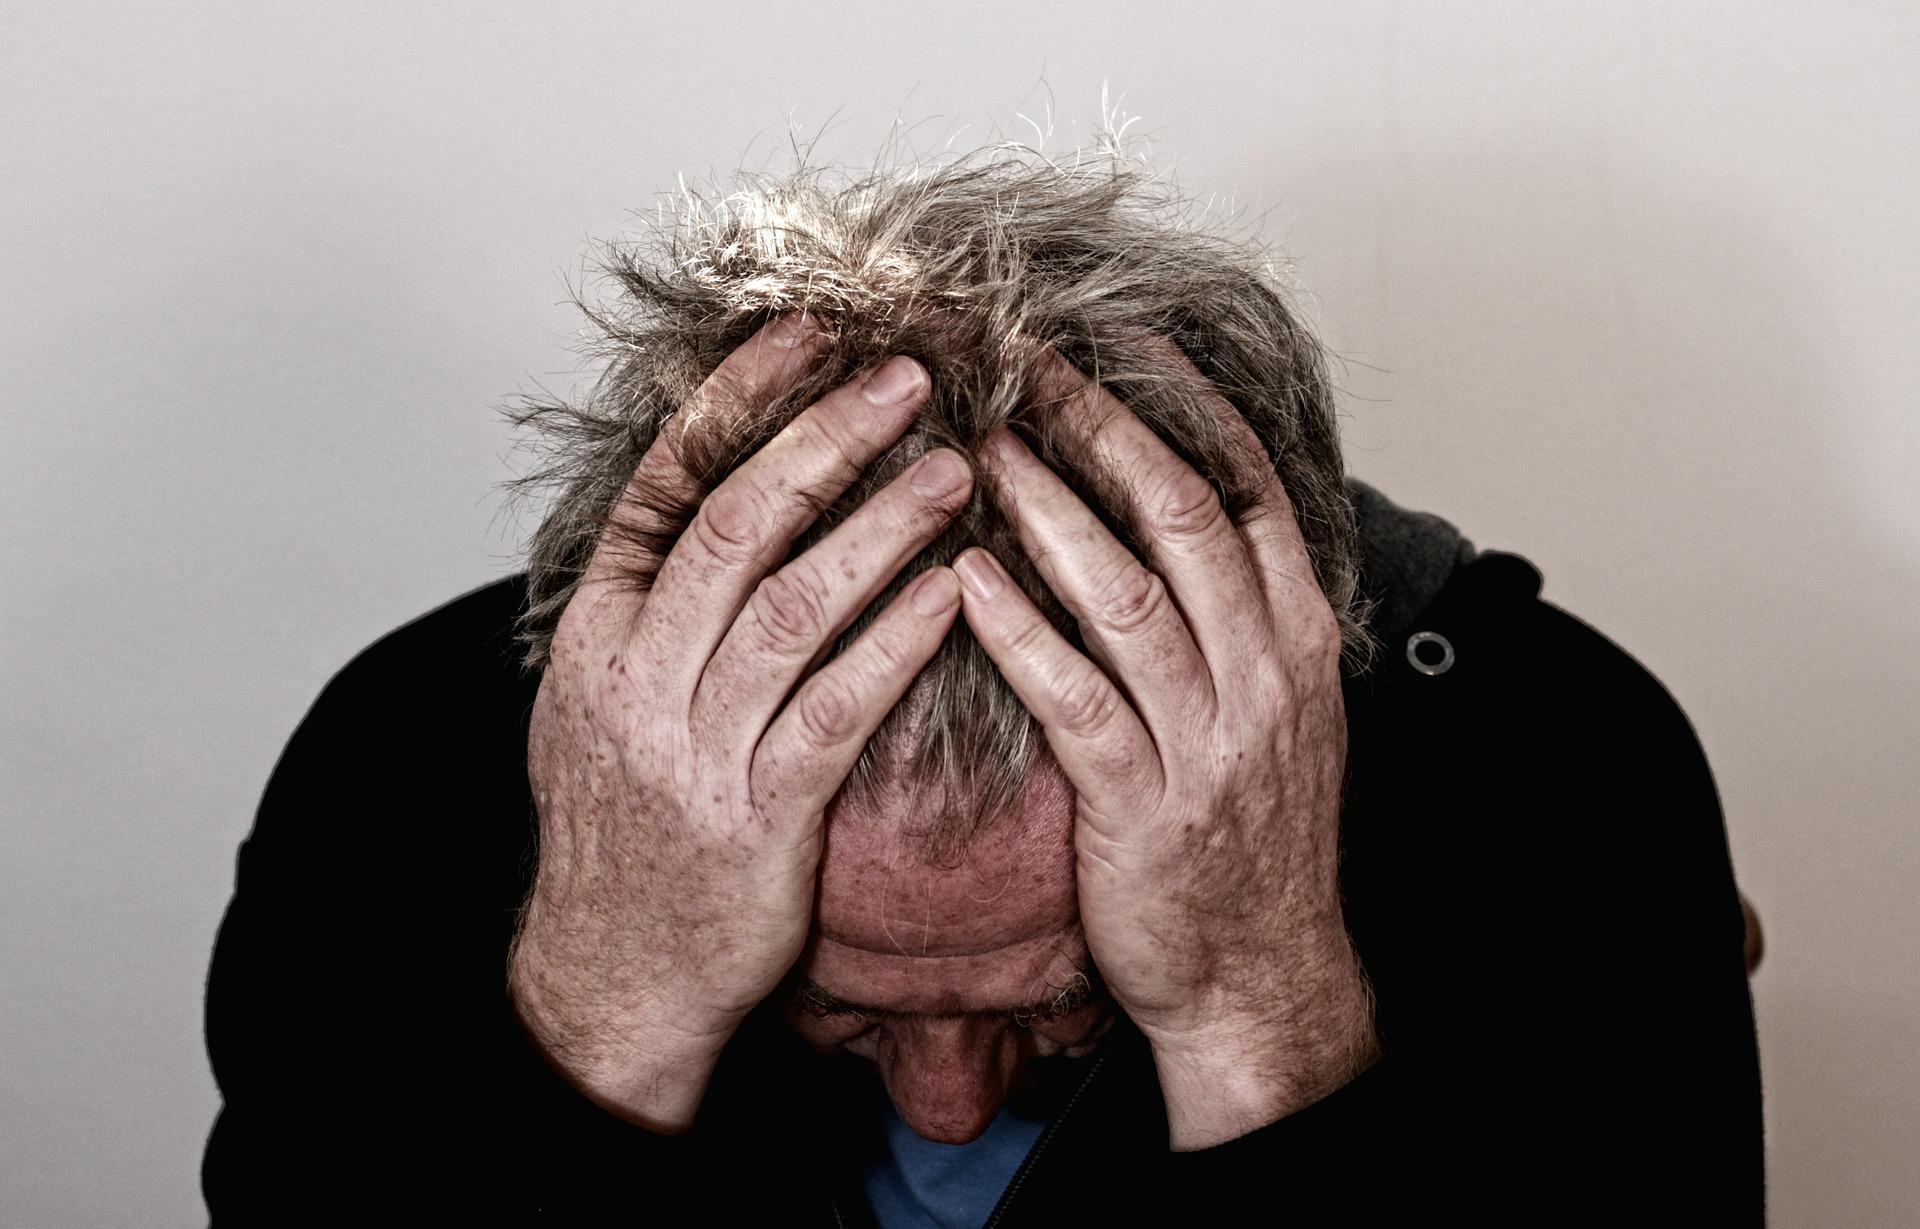 El Supremo reafirma el maltrato psicológico como una justa causa de desheredación